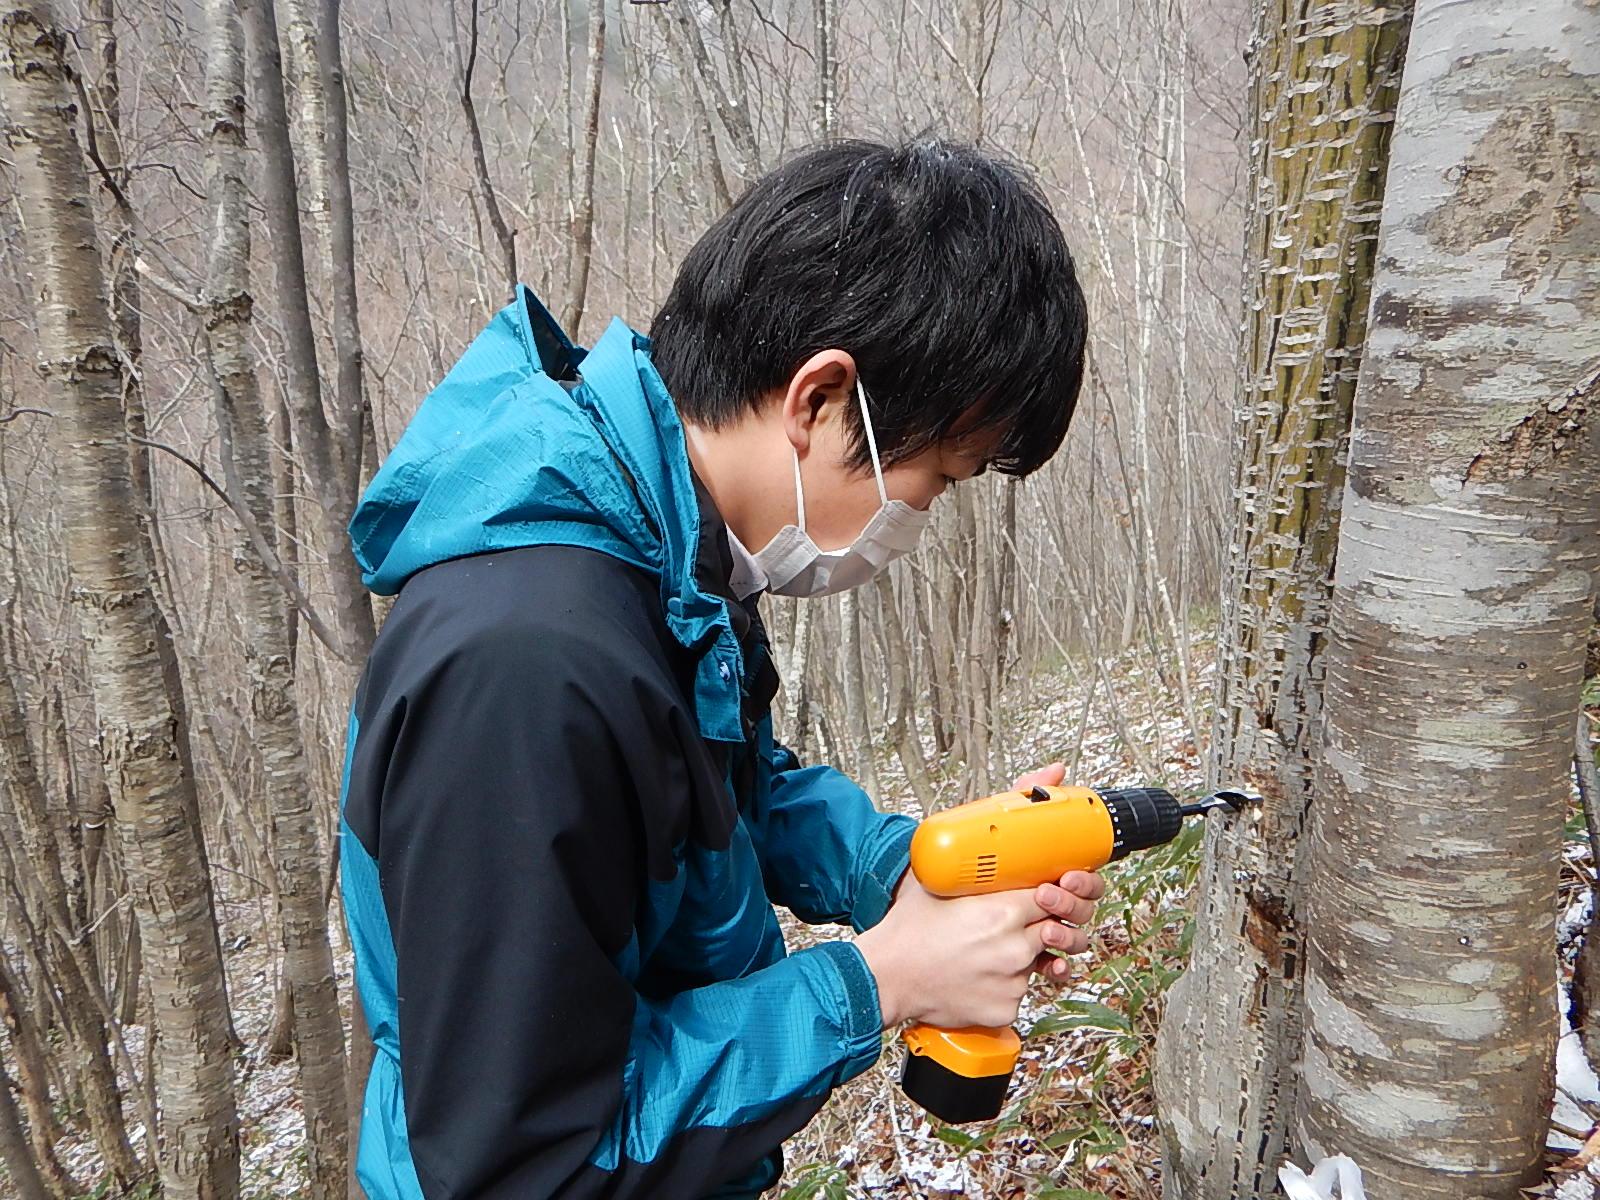 自家製メープルシロップも!?樹液採取の方法を教えるよ。